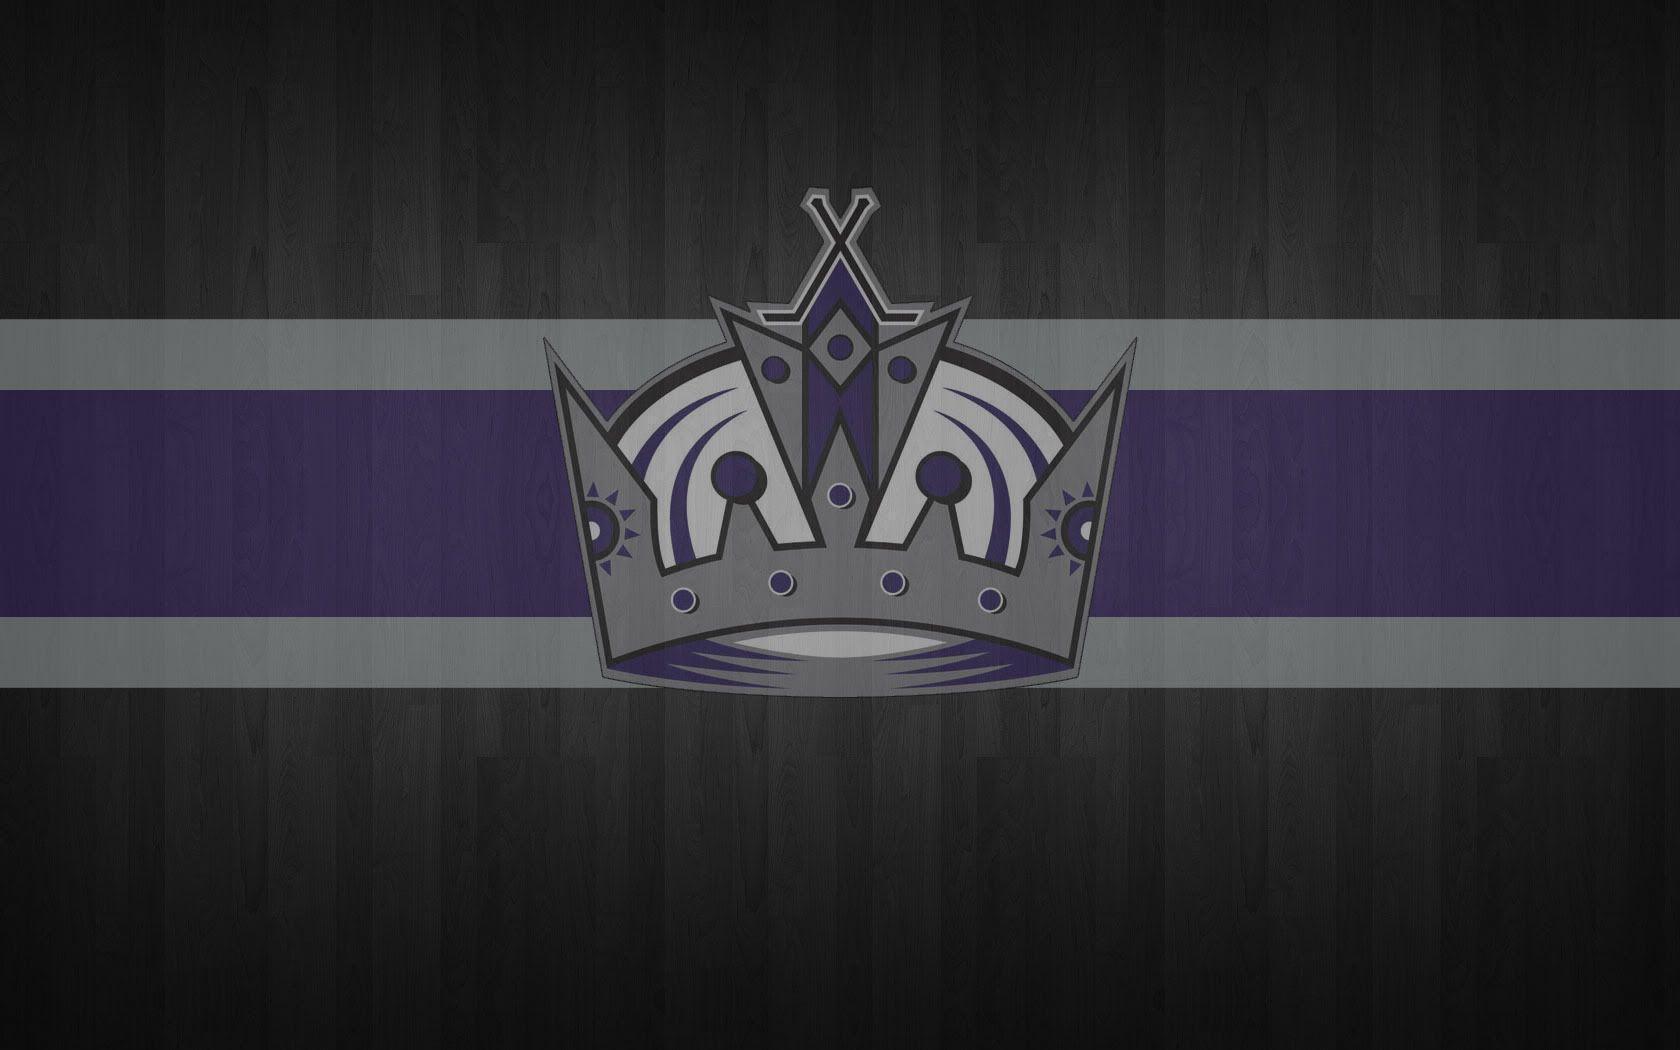 black king crown wallpaper - photo #18